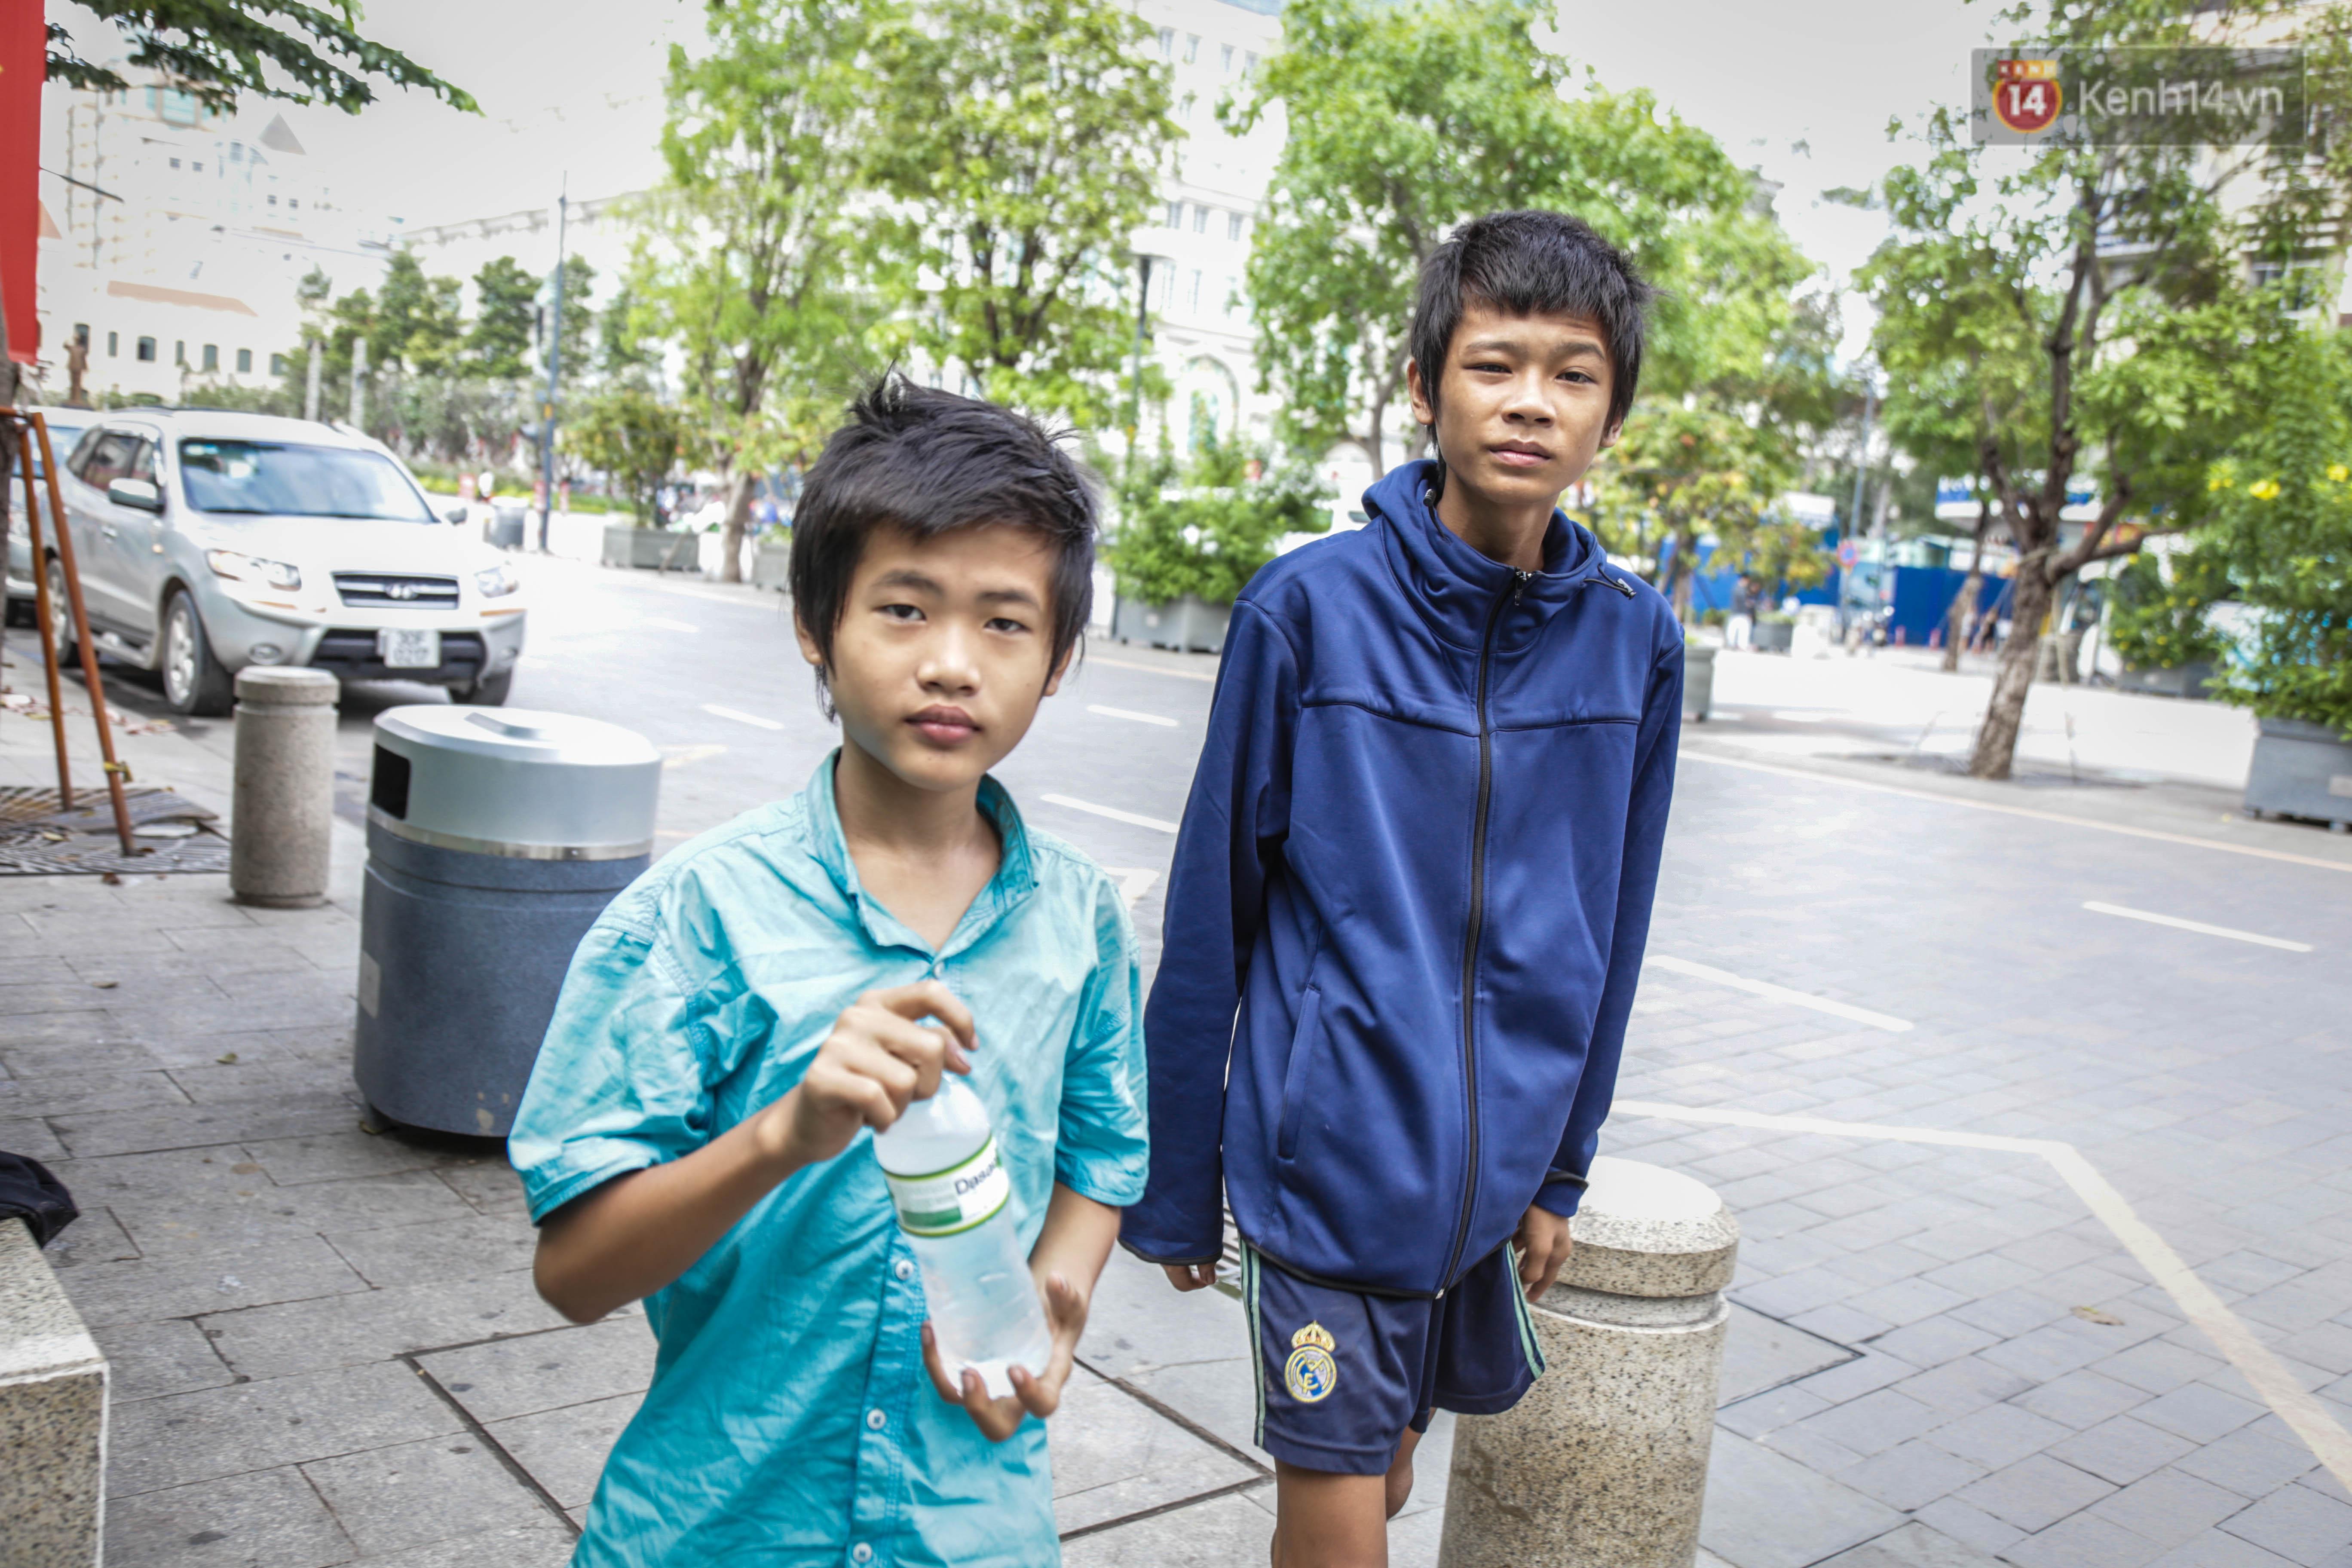 Hai anh em cho biết, bữa cơm 5.000 đồng là đủ để hai đứa trẻ sống cả ngày.